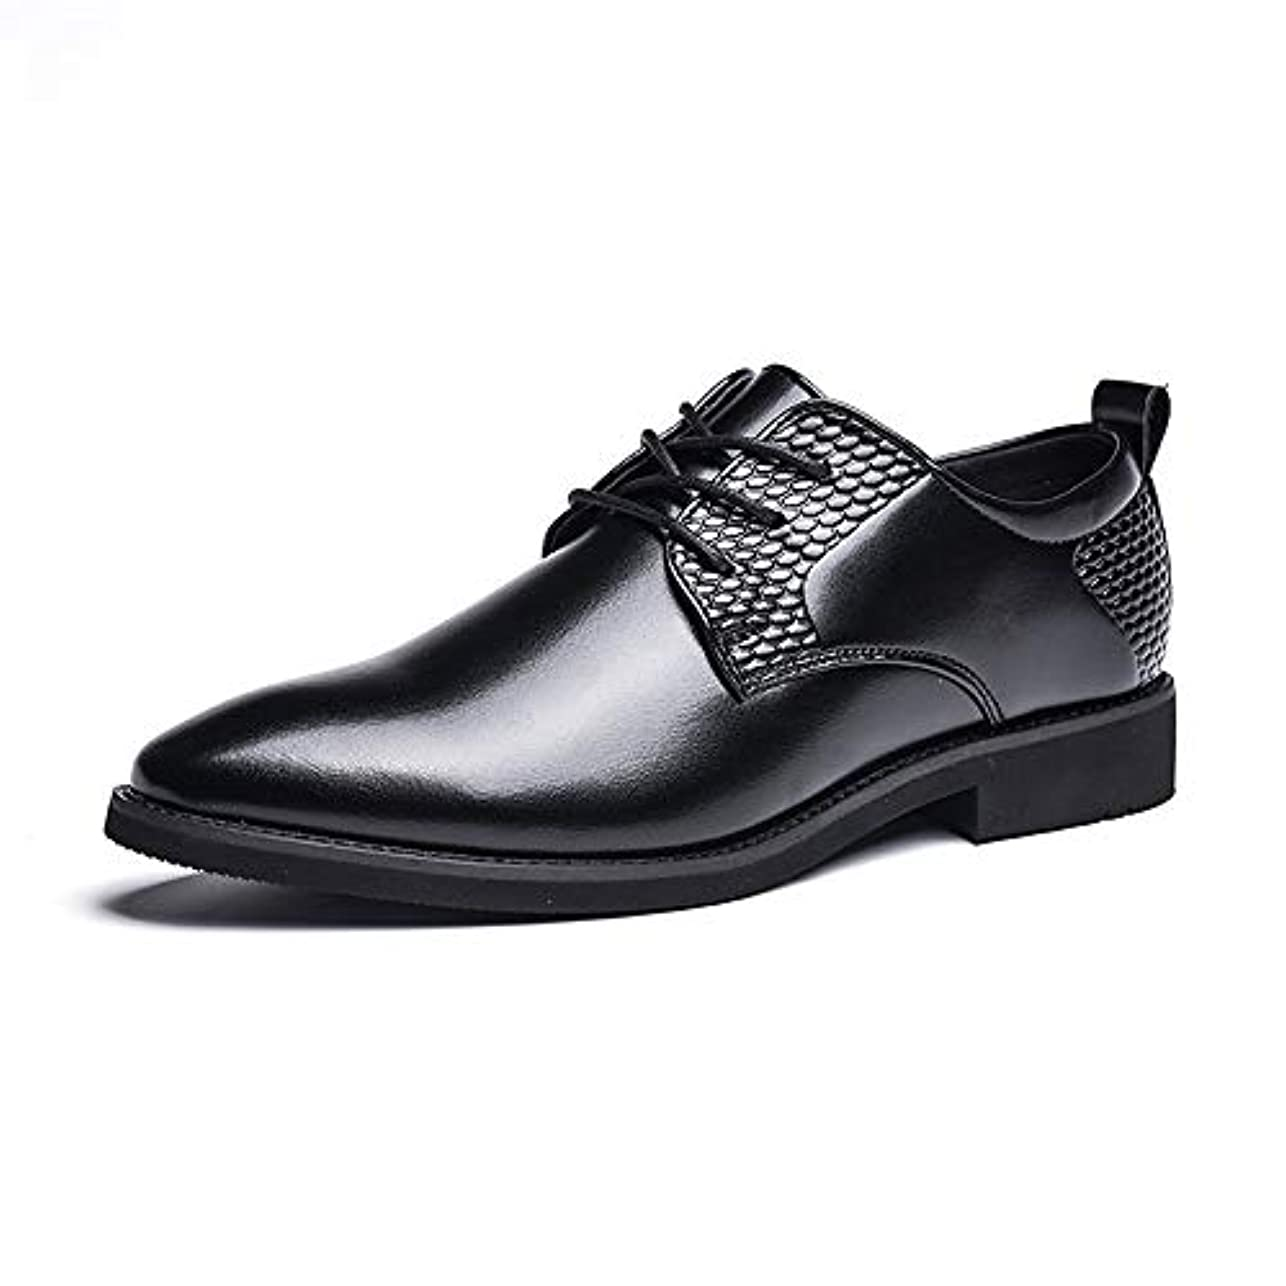 鑑定頼る副詞Sunny&Baby メンズビジネスオックスフォードカジュアルパーソナリティイギリススタイルの正式な靴 耐摩耗性 (Color : ブラック, サイズ : 26.5 CM)